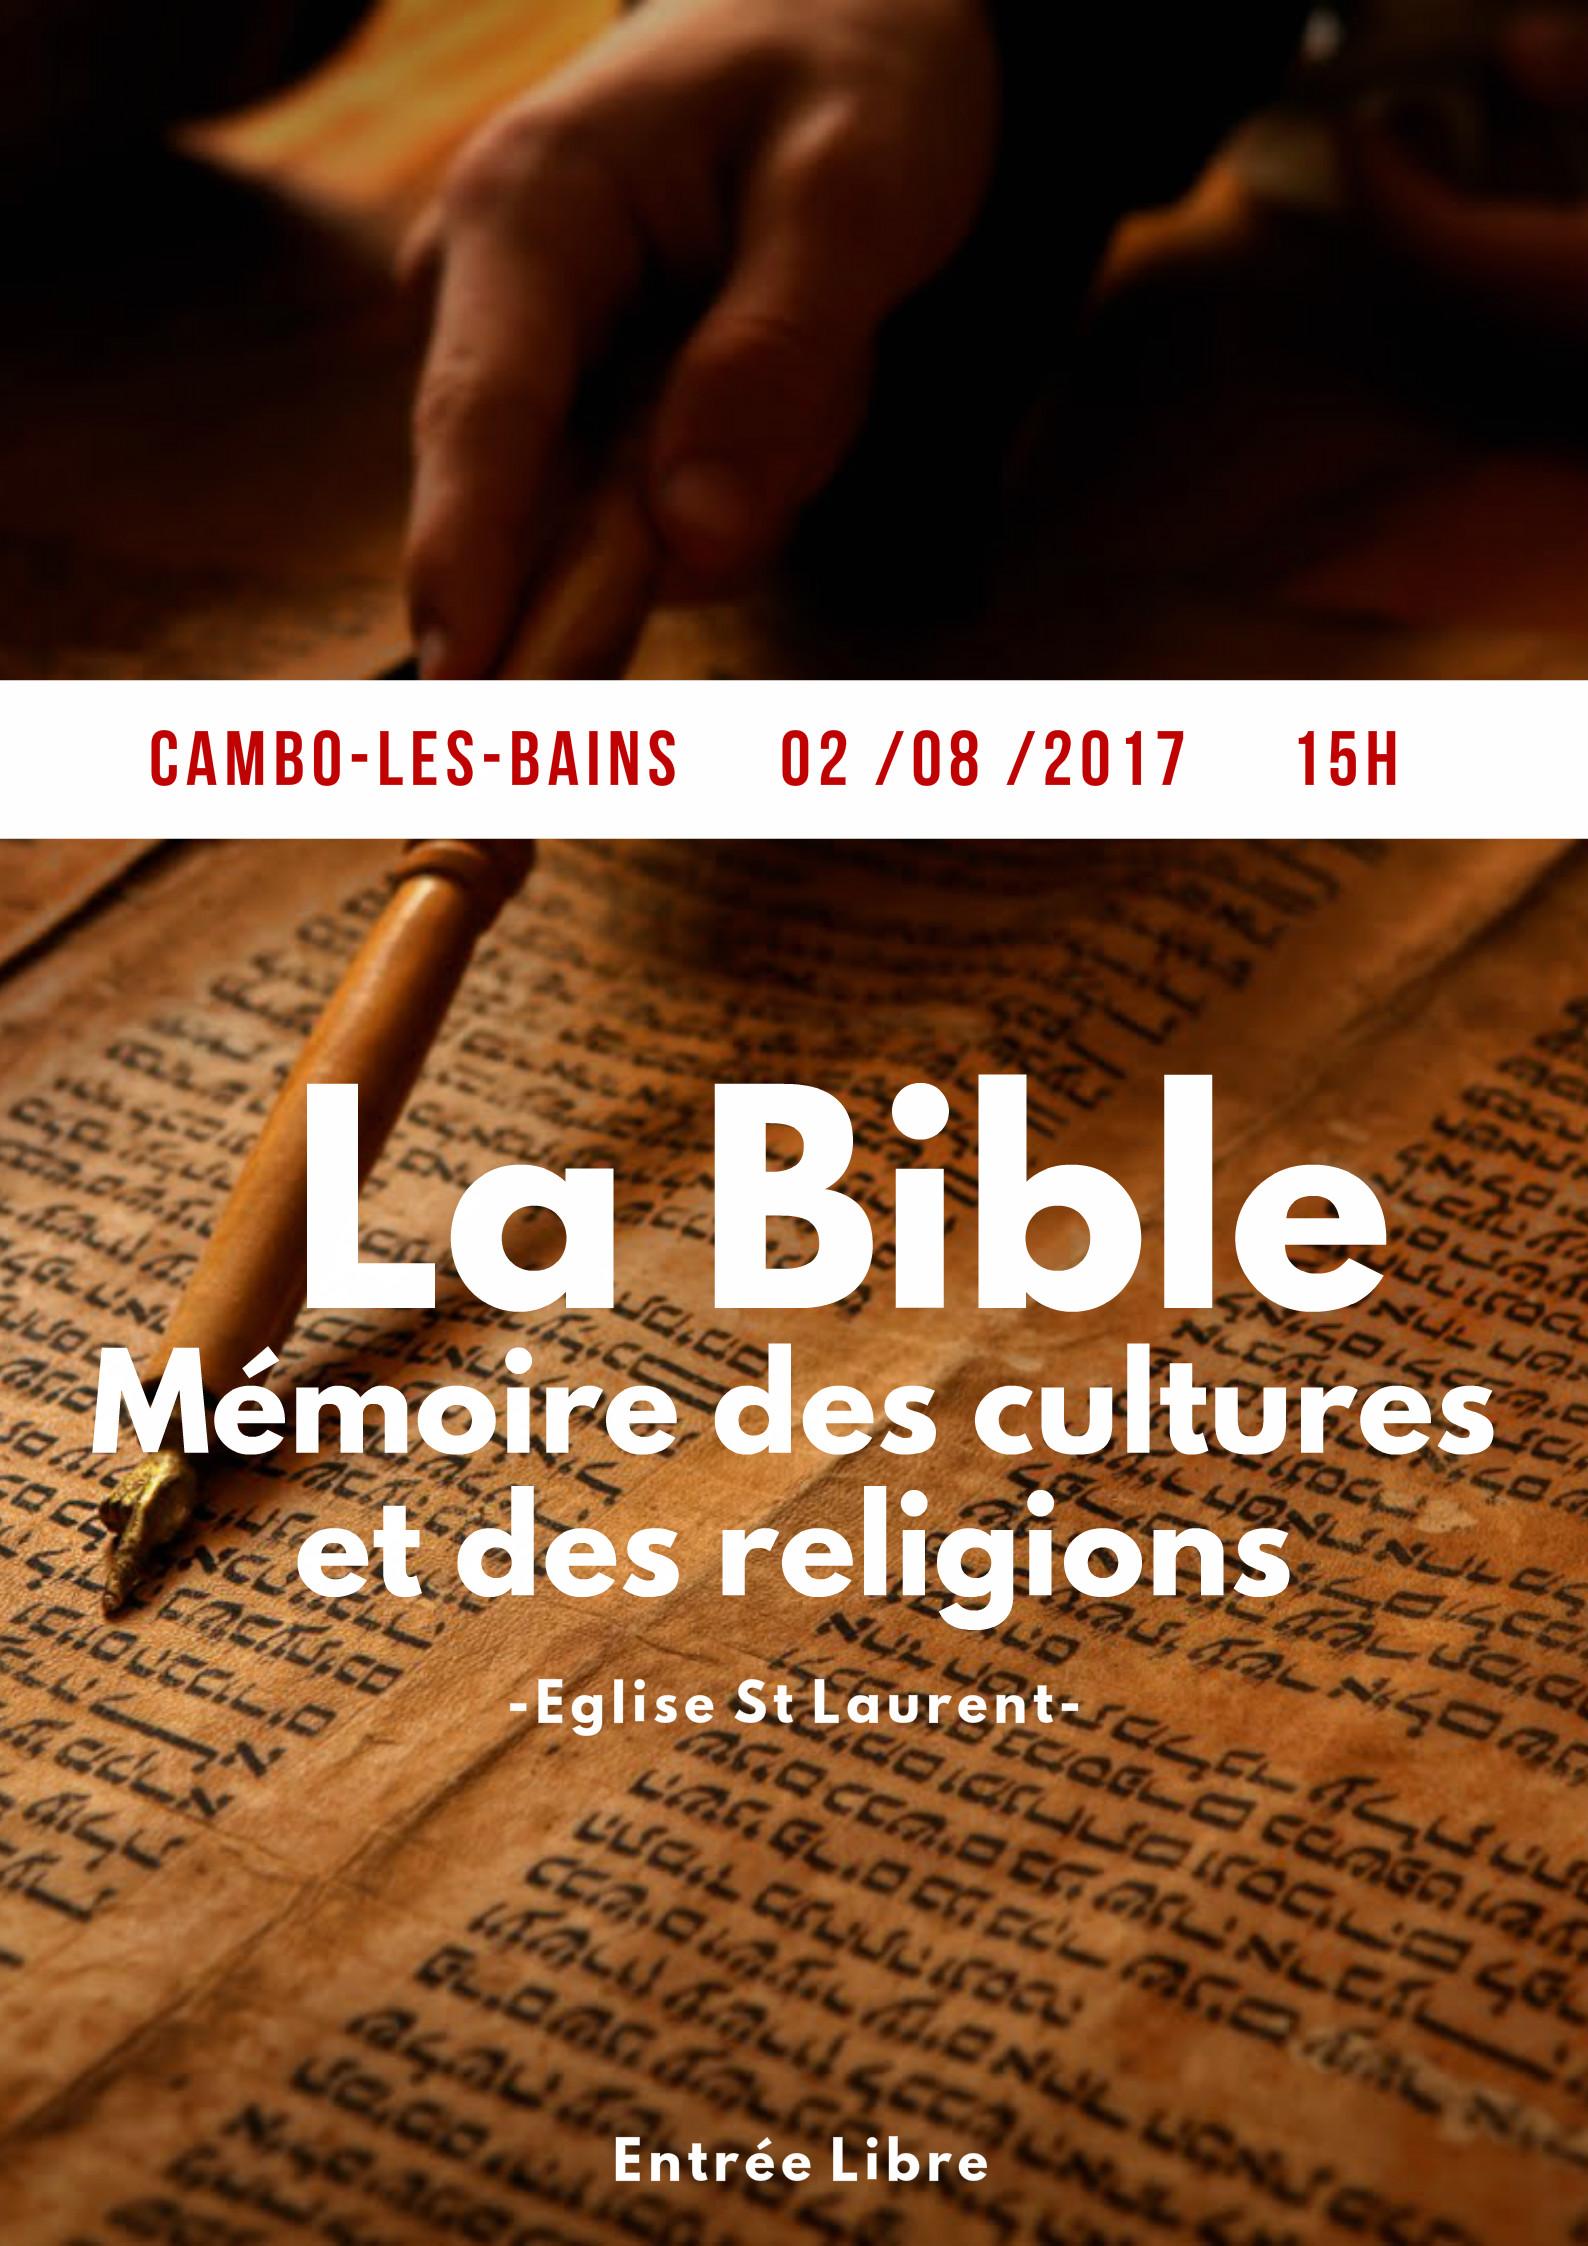 Conférence Cambo les bains 02/08/2017 : La bible, mémoire des cultures et des religions